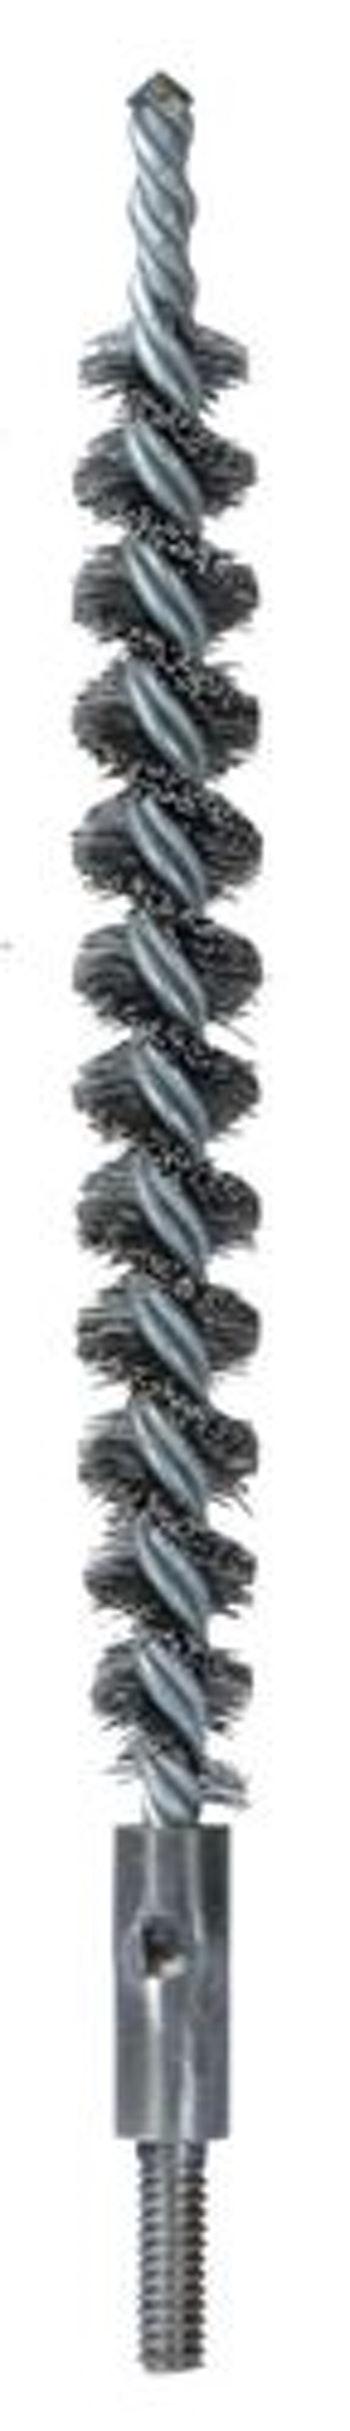 Escova Tubular 19mm Fio 0,30mm - Abrasfer - T3000-19MM - Unitário